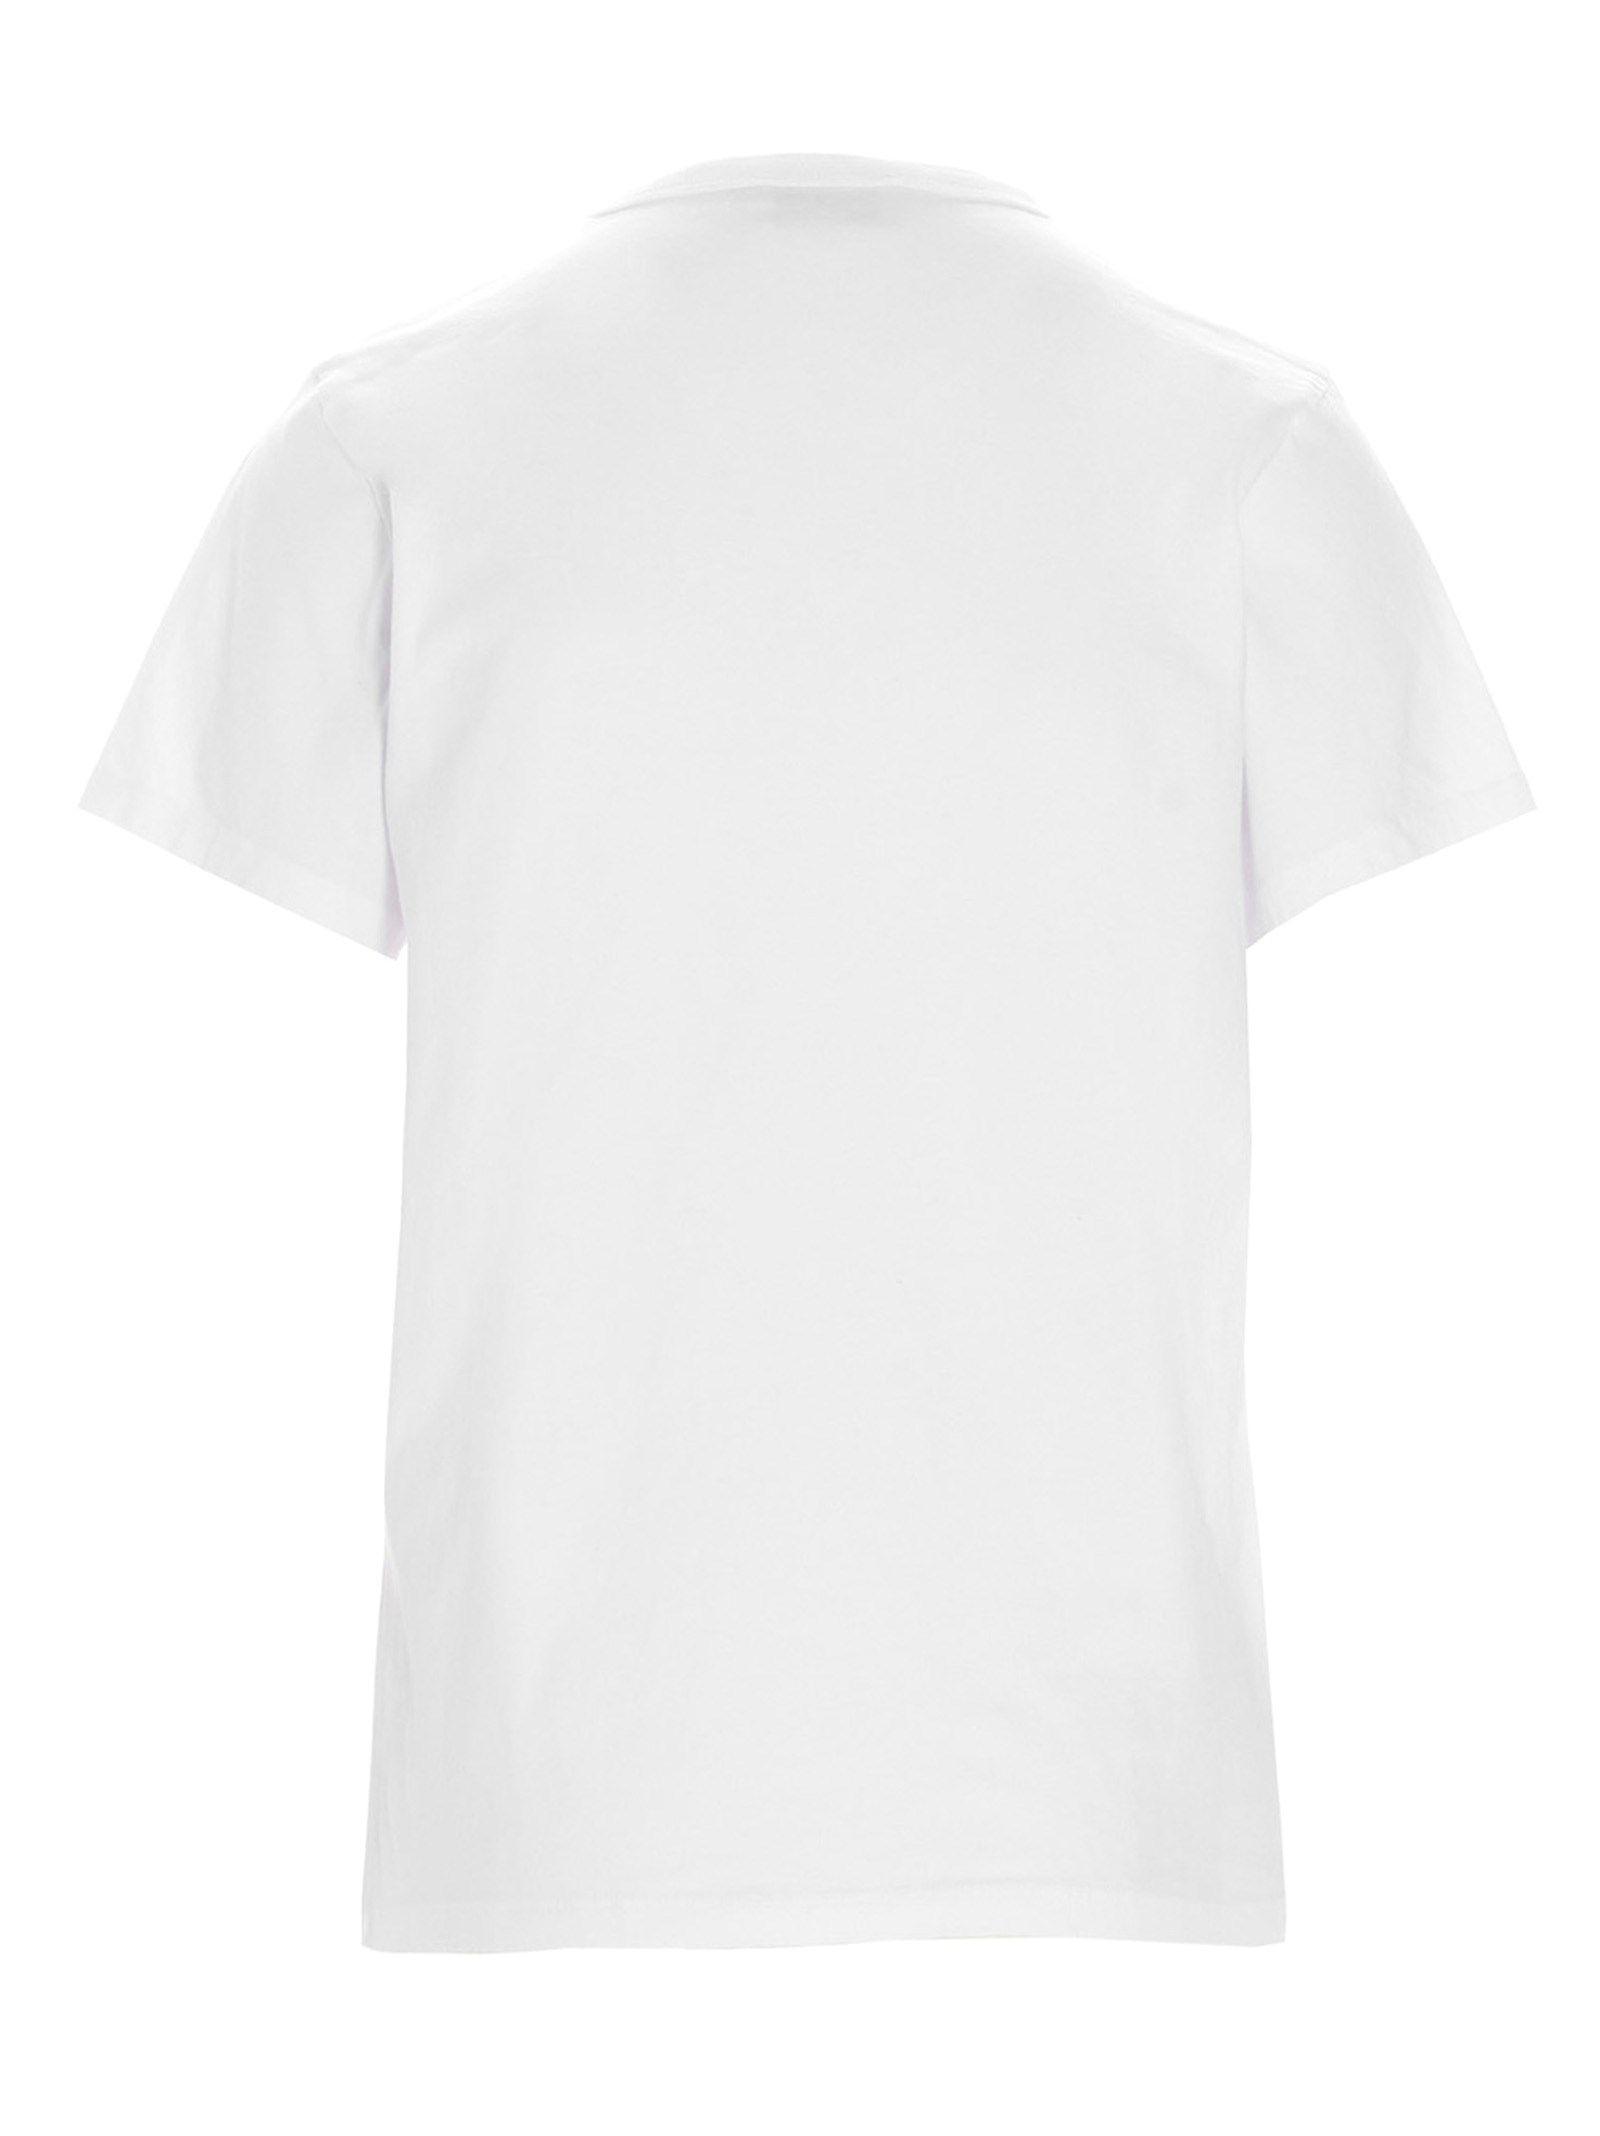 MAISON KITSUNÉ Cottons MAISON KITSUNÉ WOMEN'S WHITE OTHER MATERIALS T-SHIRT